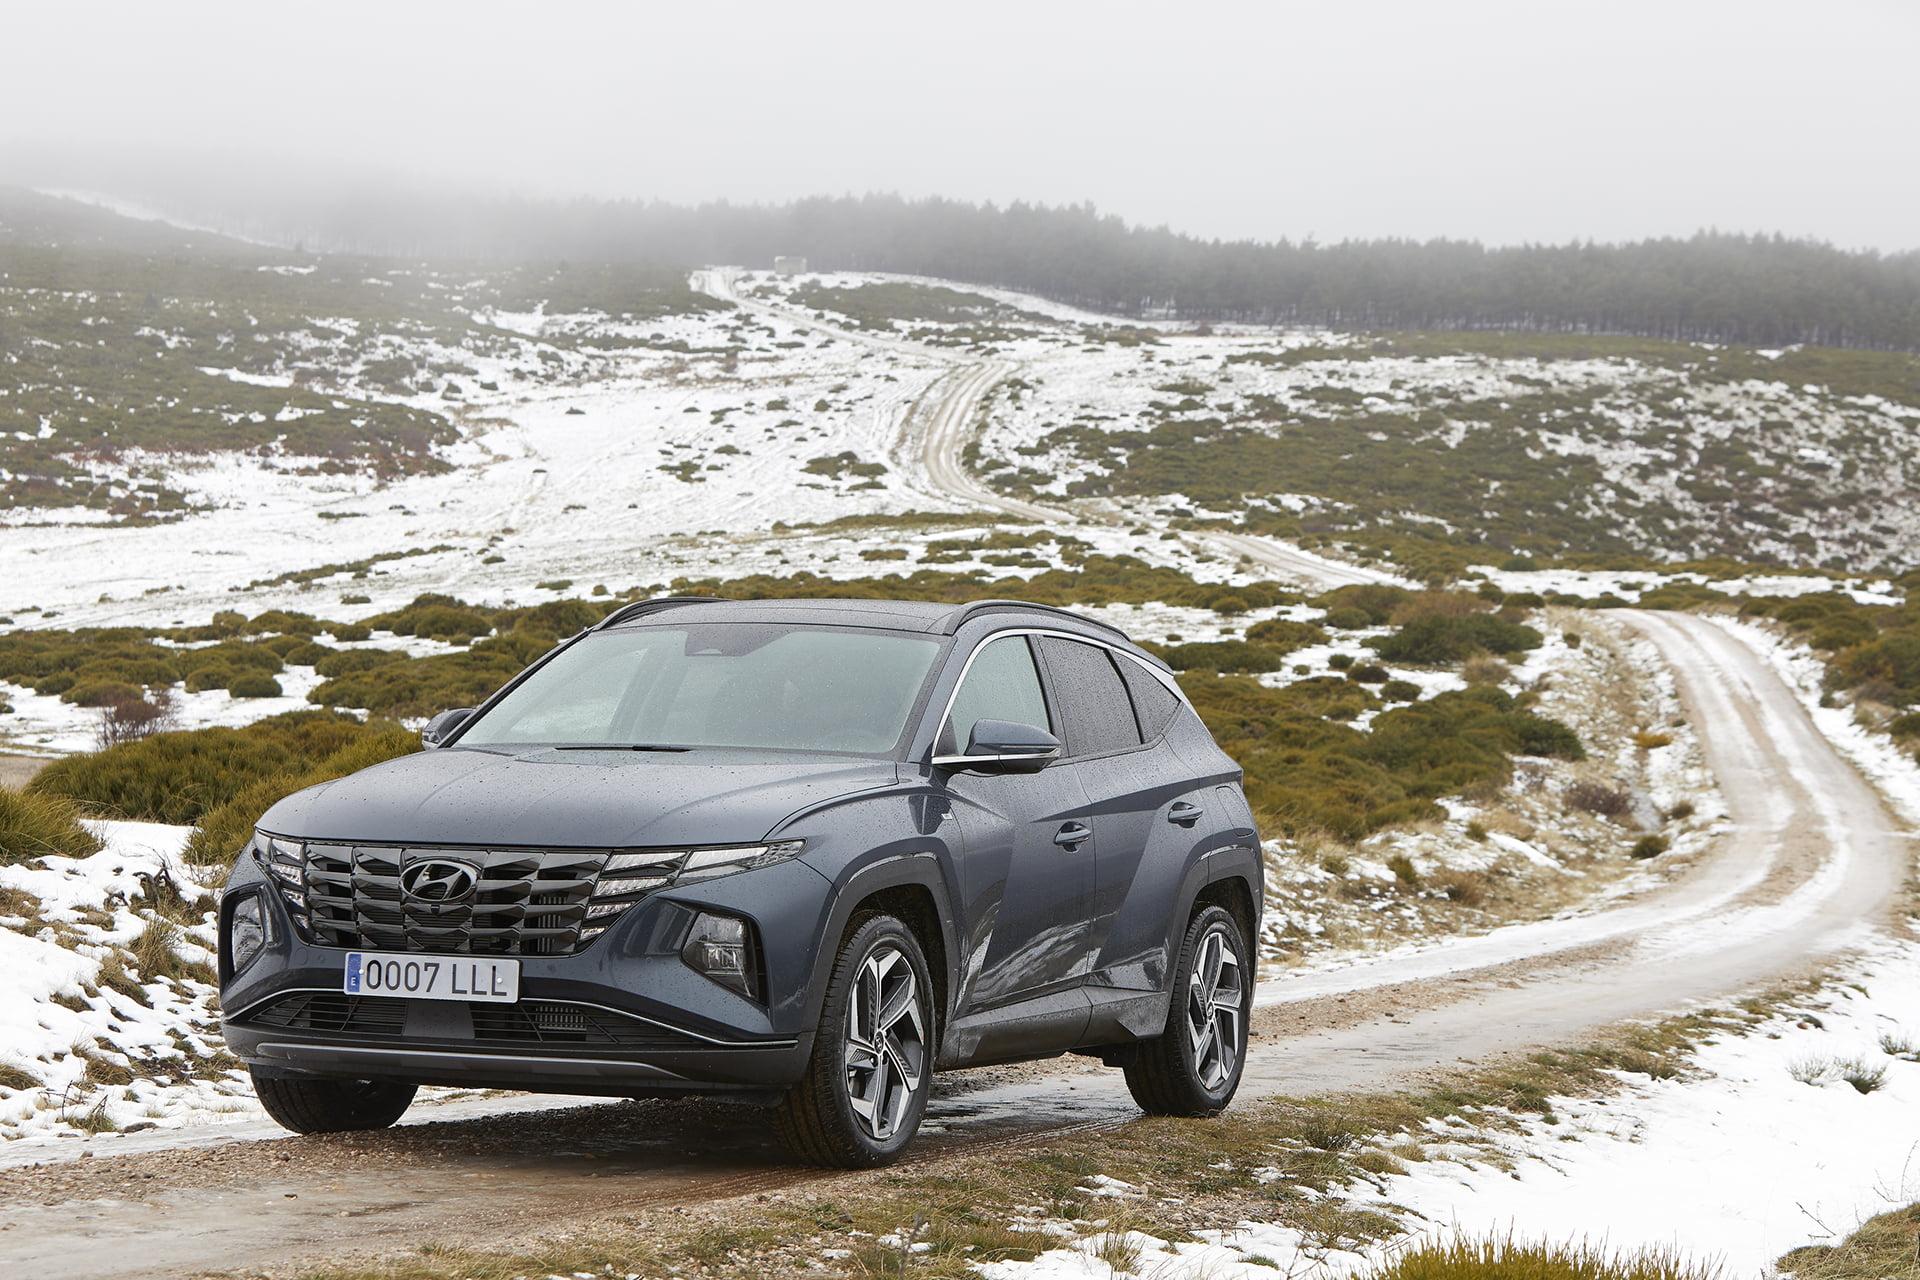 La 4ª generación del Hyundai Tucson ya es una realidad